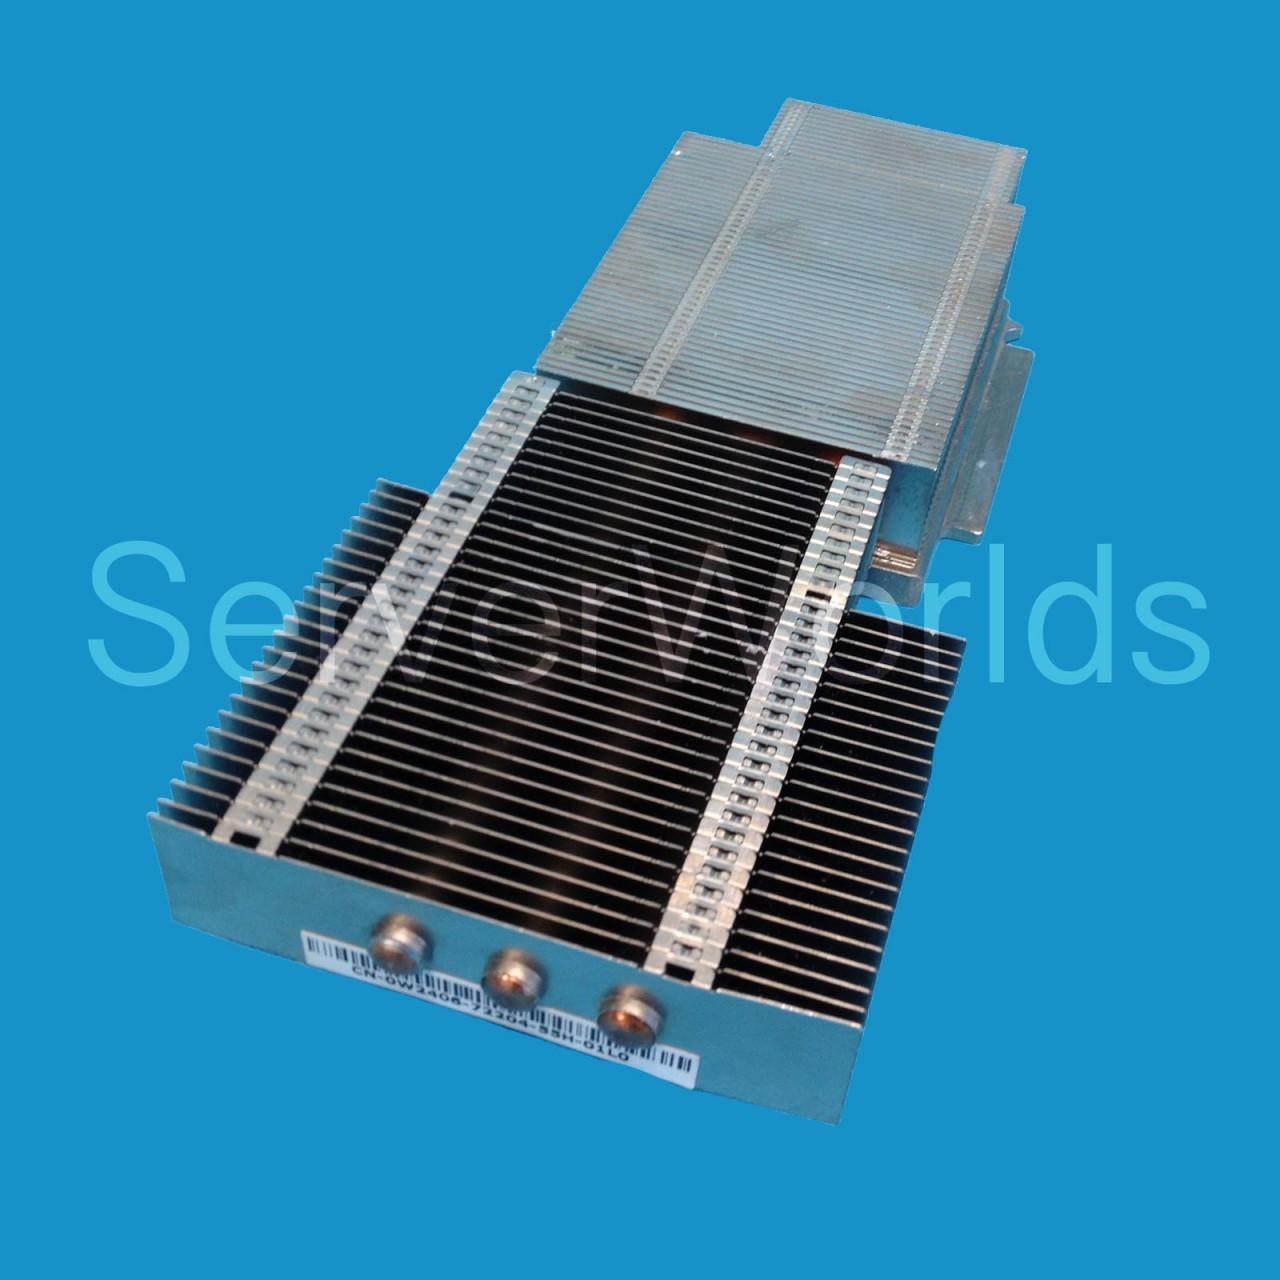 SM15T15AY TVS DIODE 12.8V 27.2V SMC Pack of 100